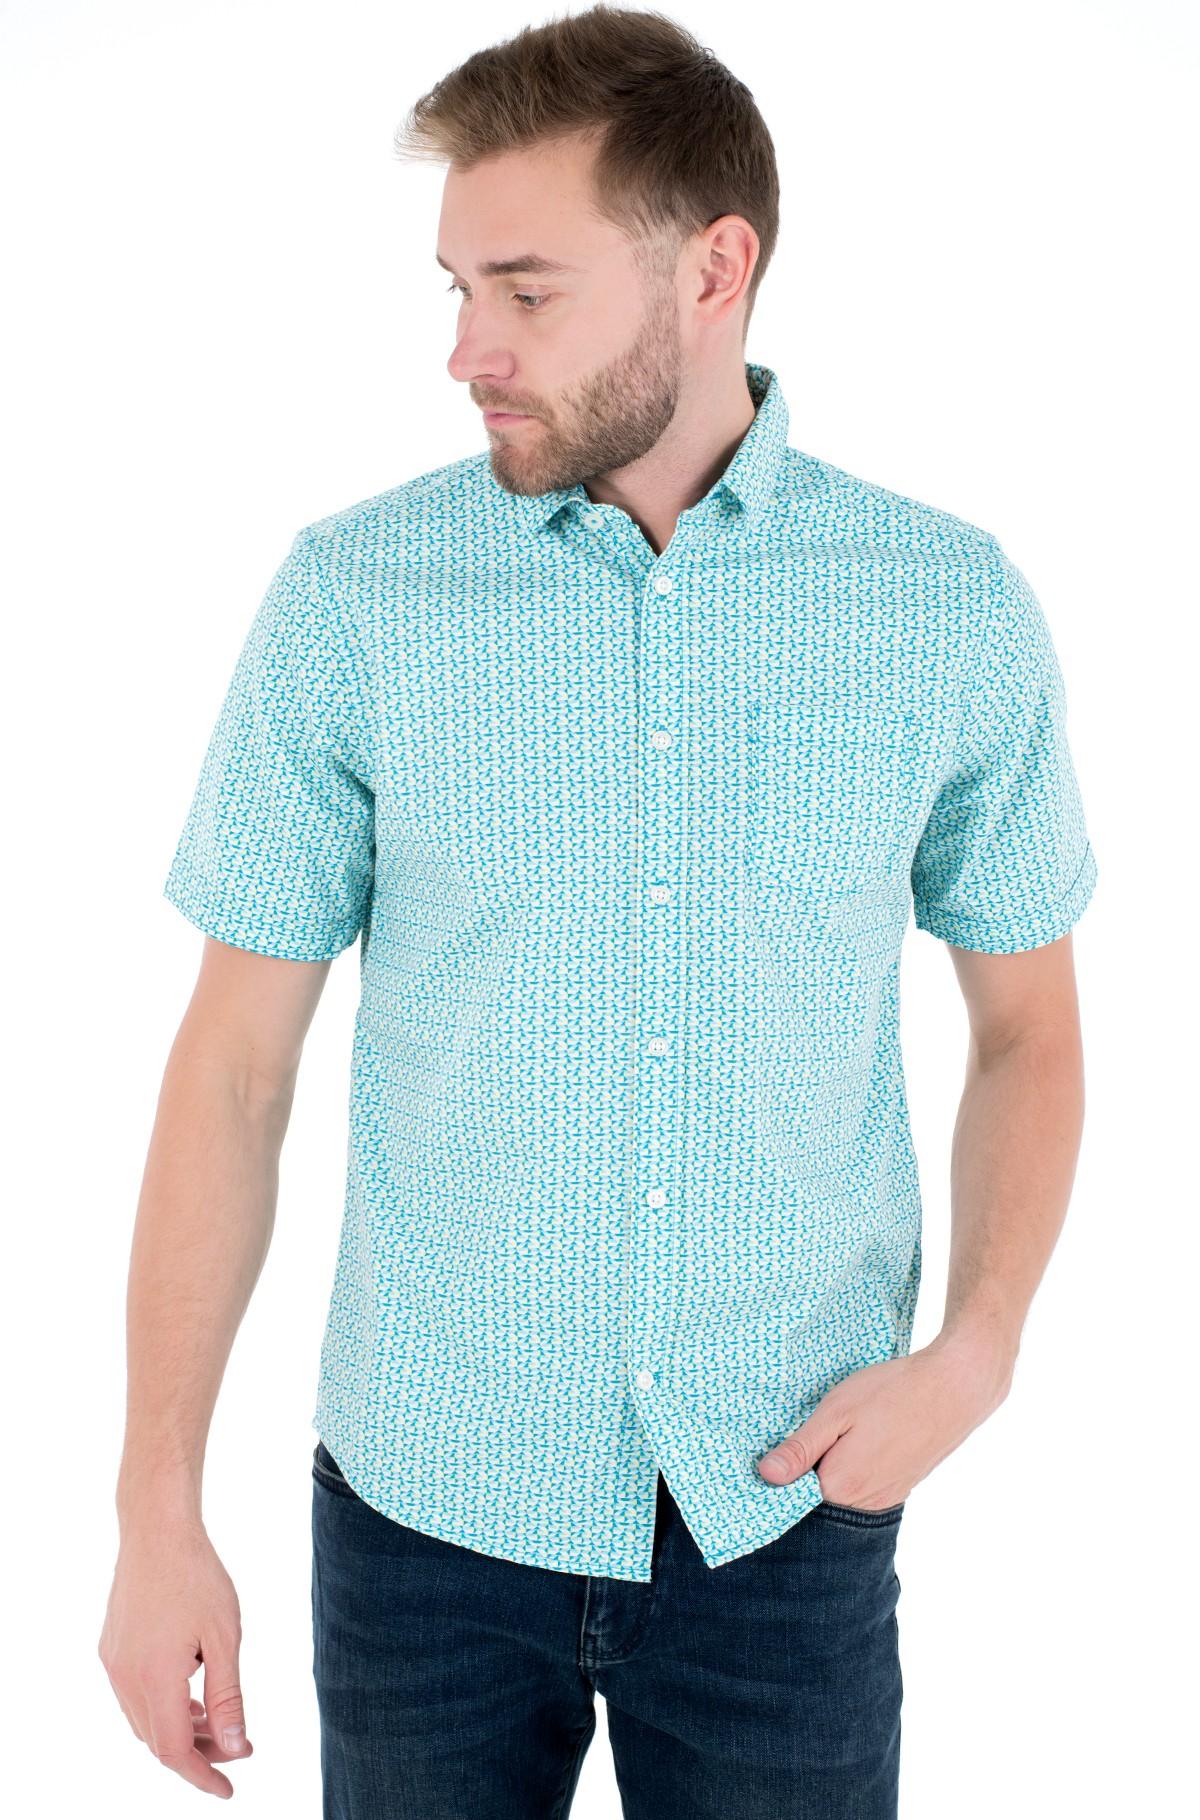 Short sleeve shirt 1025216-full-1